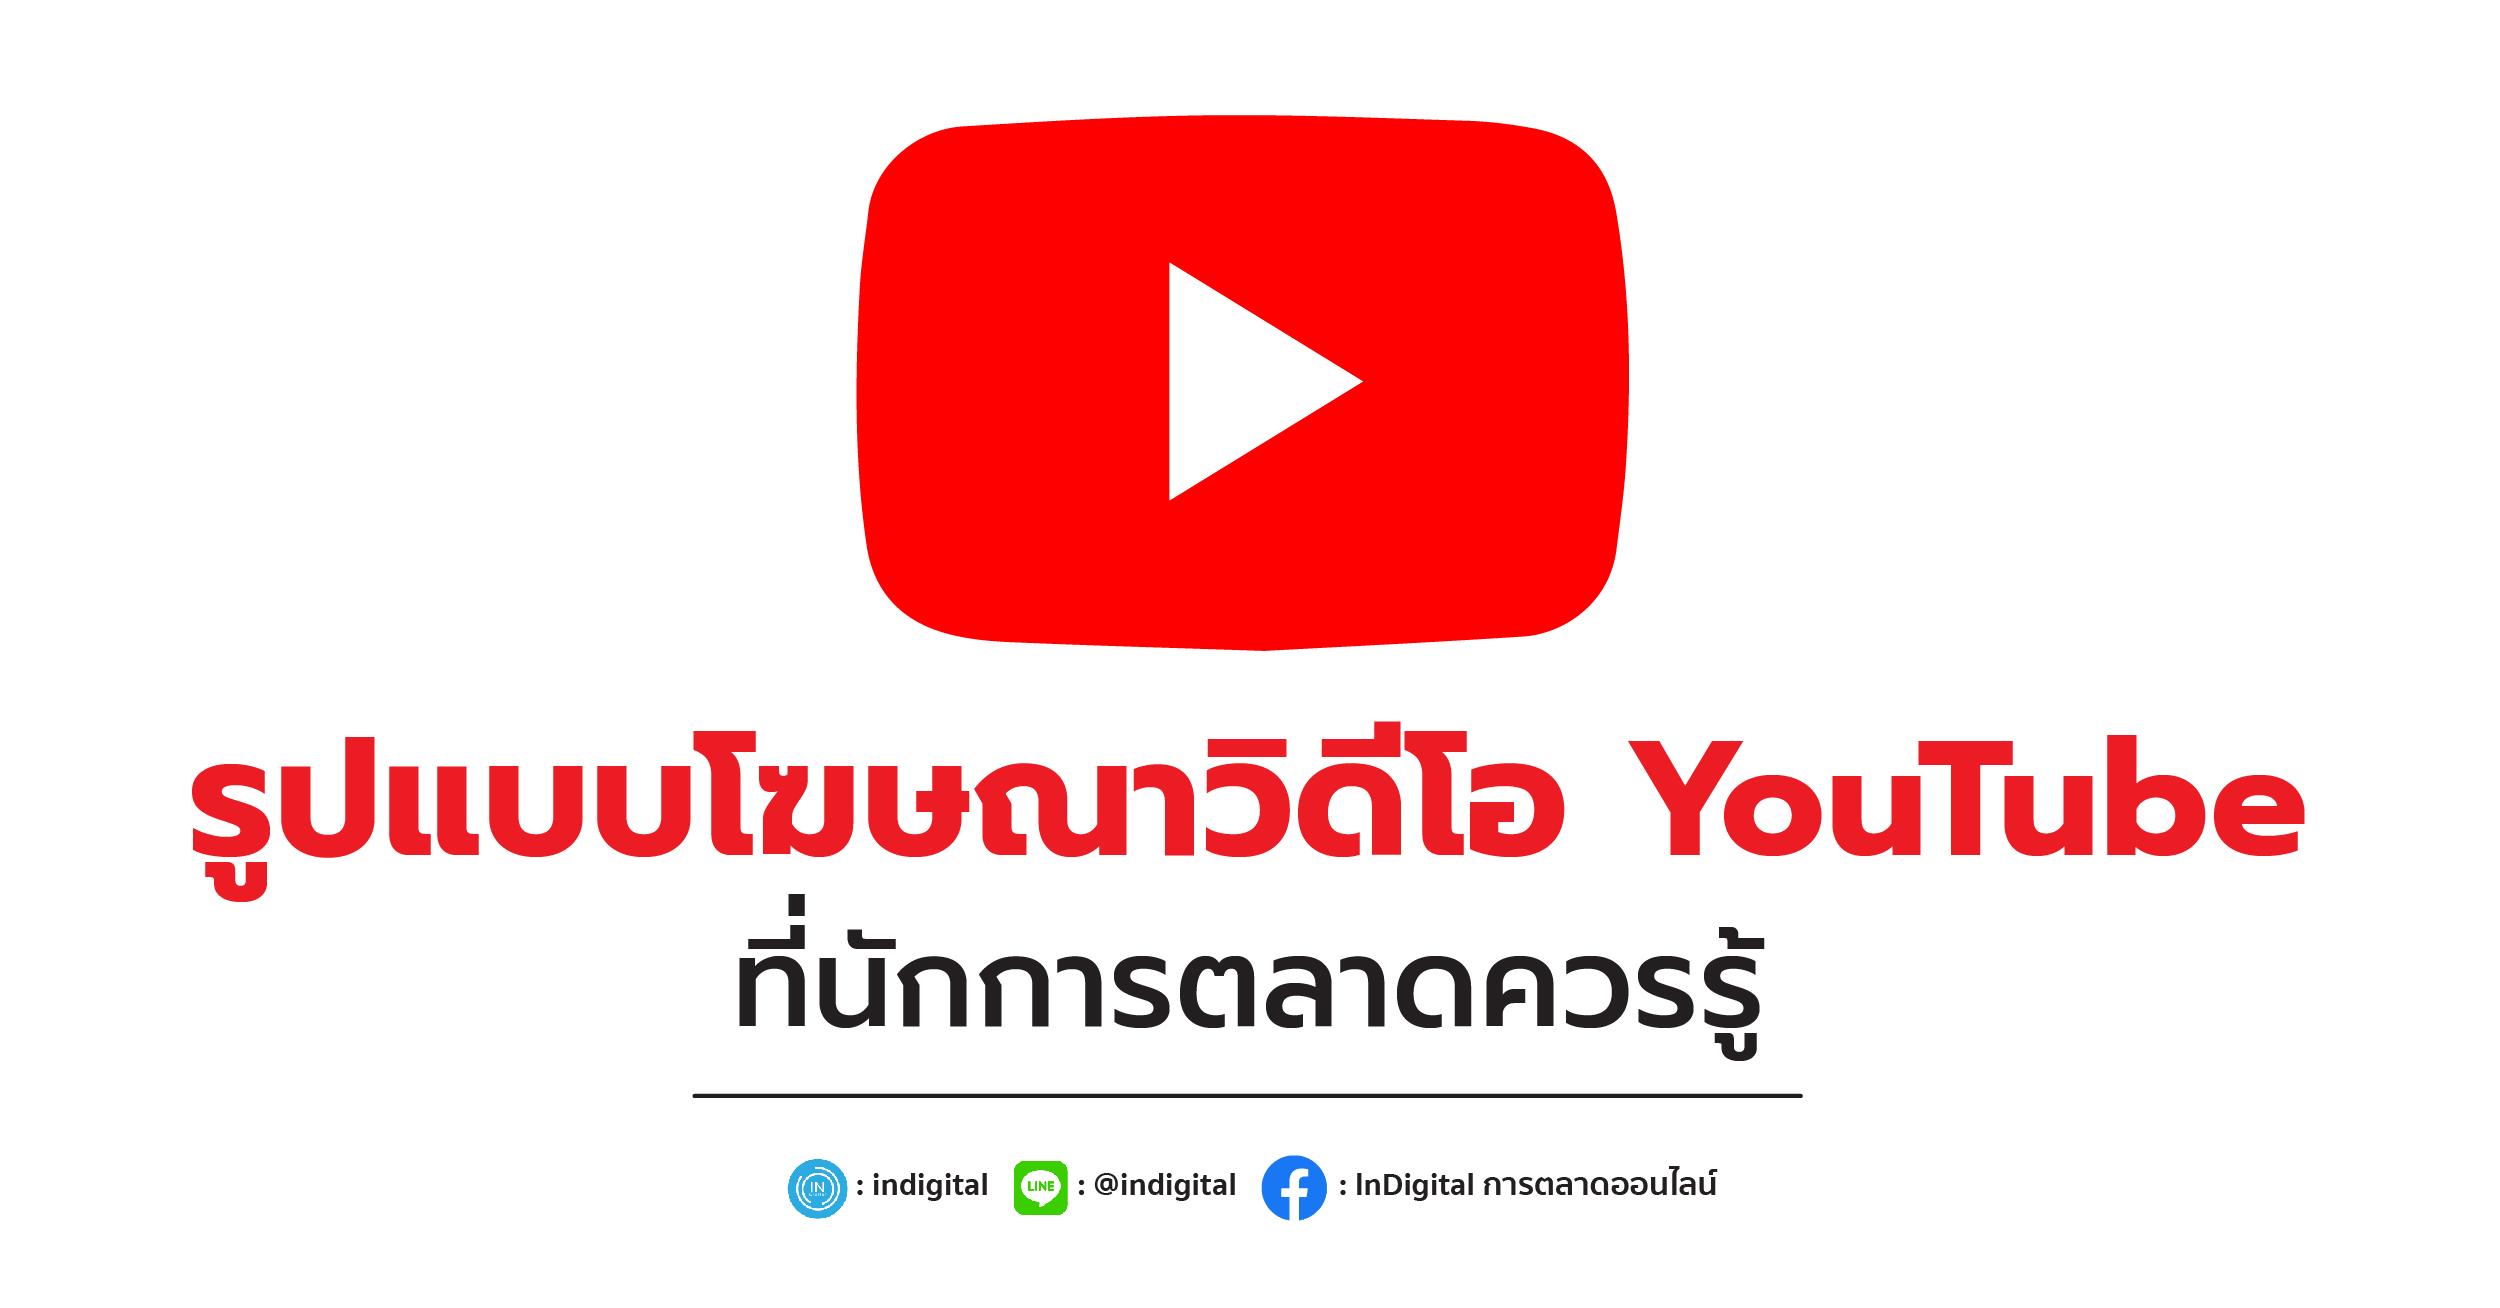 รูปแบบโฆษณาวิดีโอ YouTube ที่นักการตลาดควรรู้